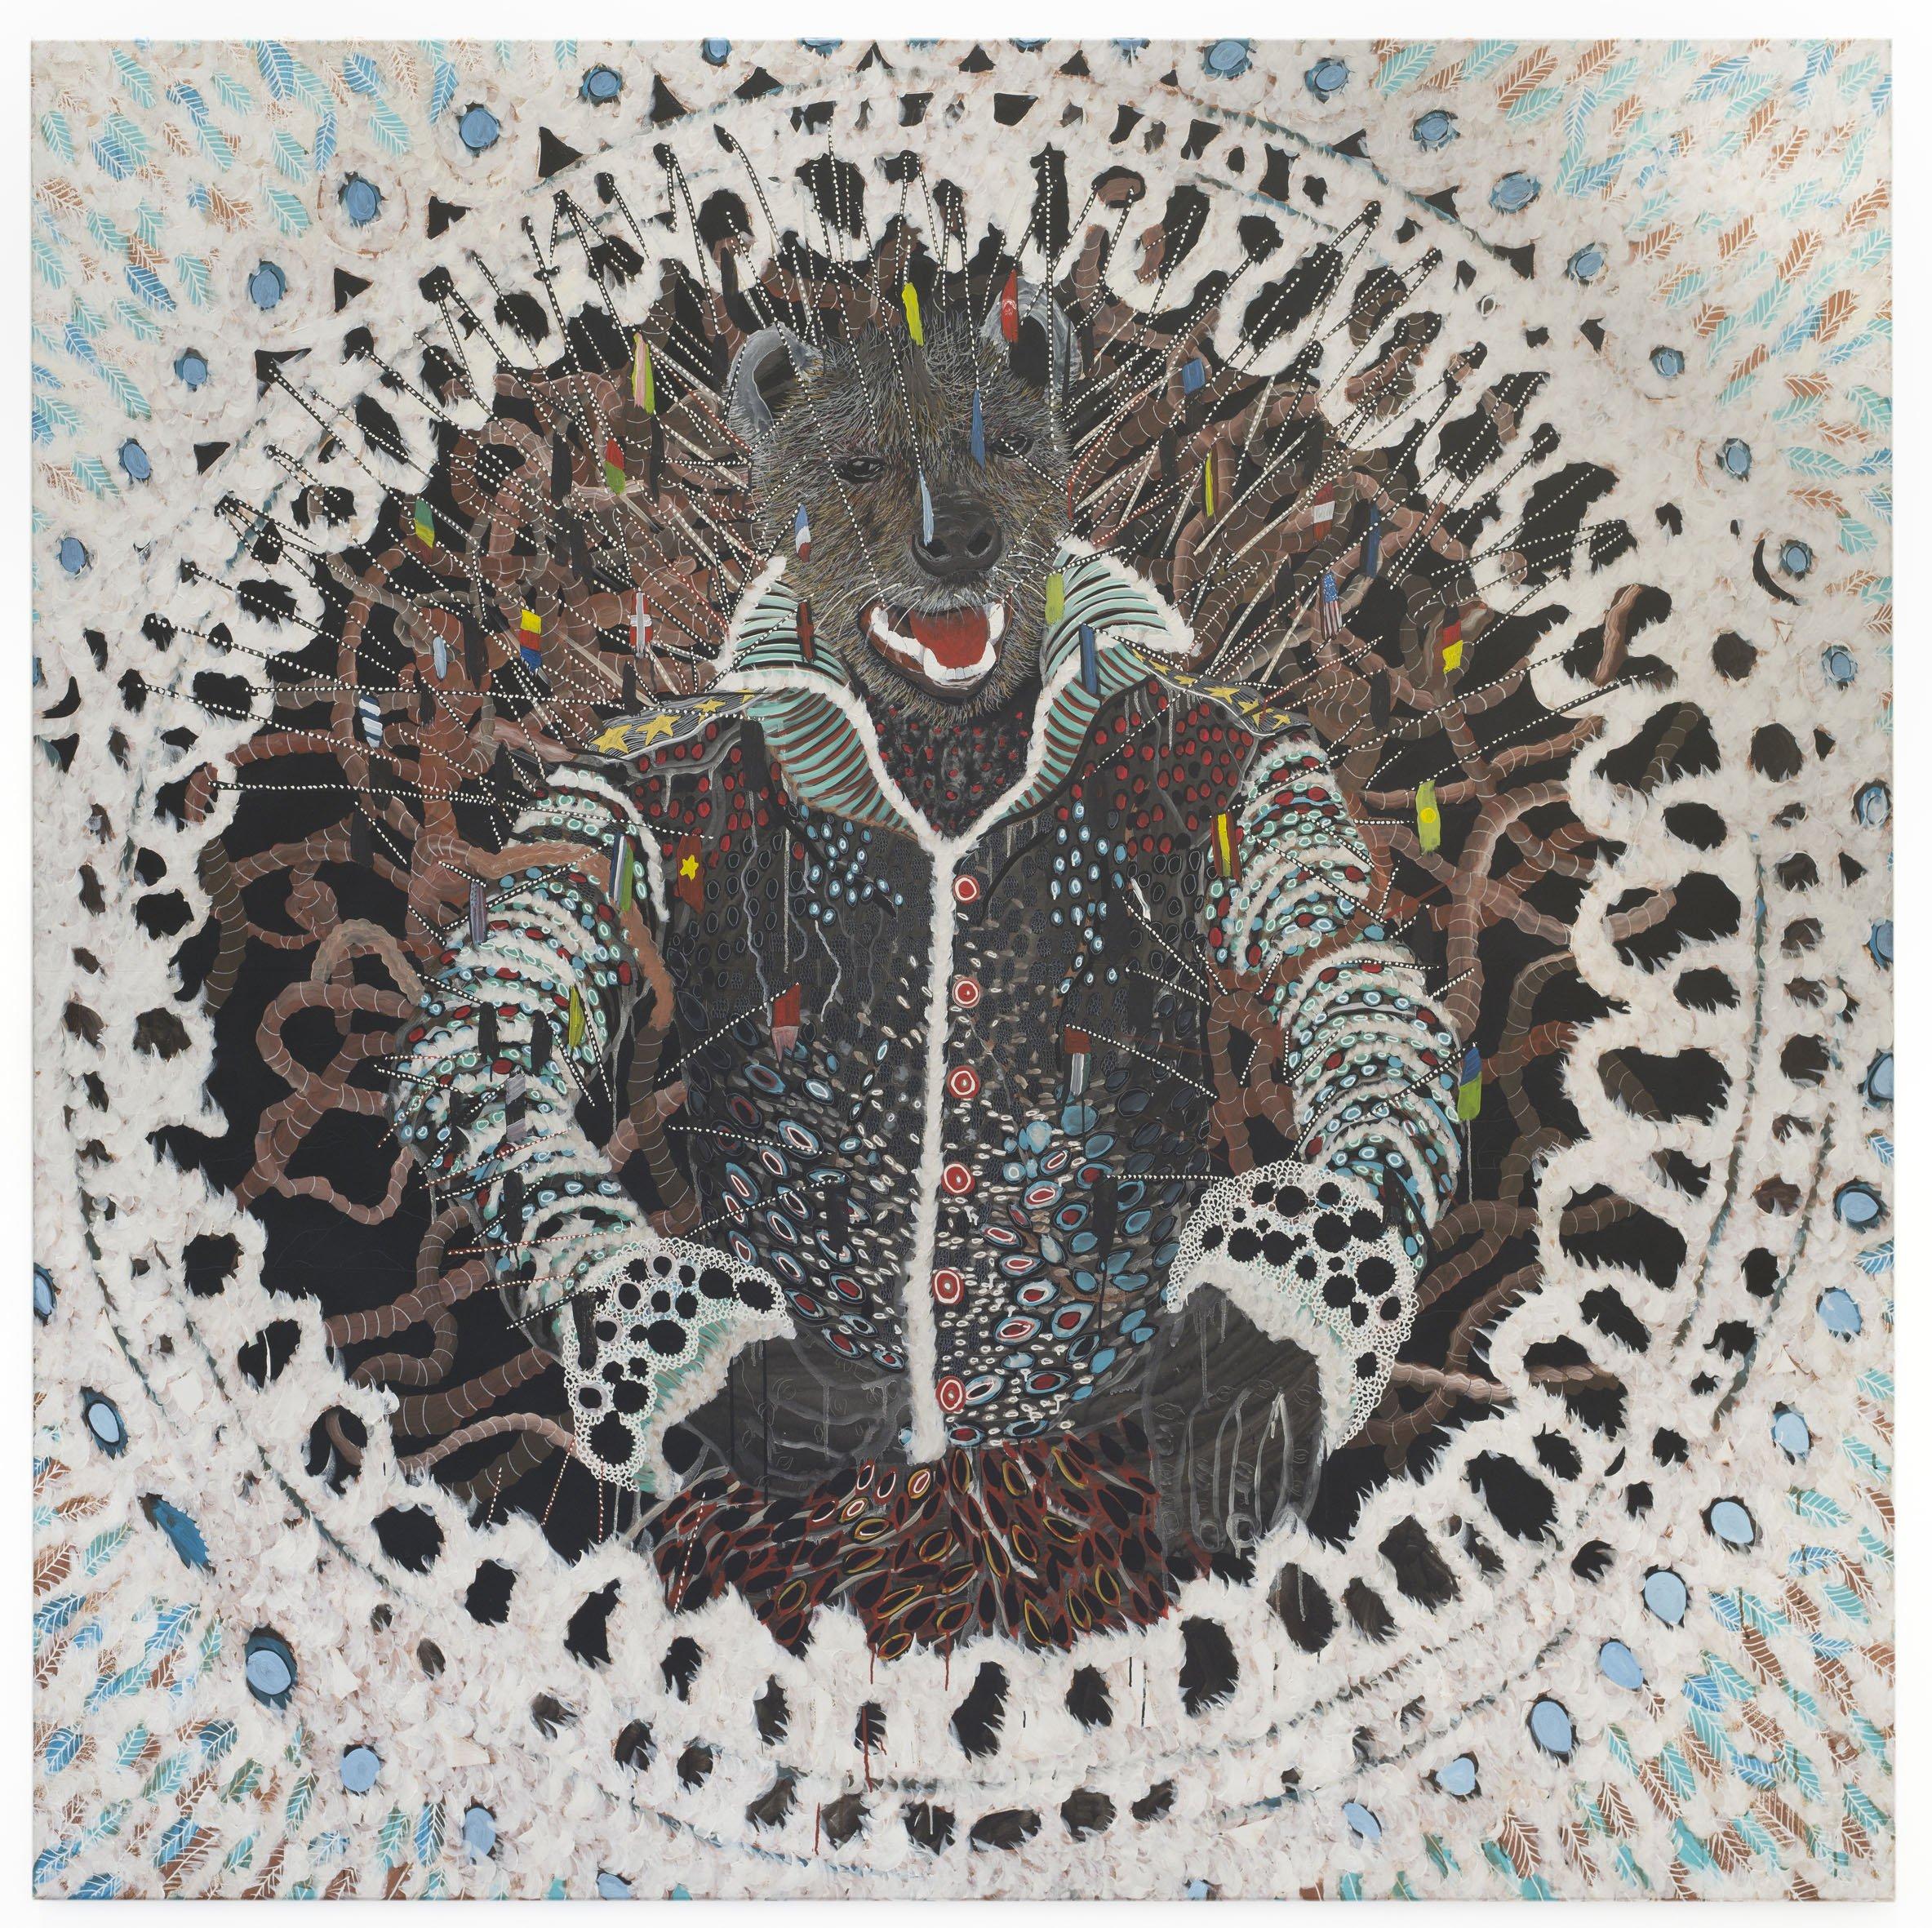 Omar Ba Alép - Ground Zero, 2016 Huile, Crayon, Encre De Chine, Acrylique, Gouache Sur Toile 200 X 200 Cm Courtesy Galerie Daniel Templon, Paris Et Bruxelles Photo : B. Huet-Tutti